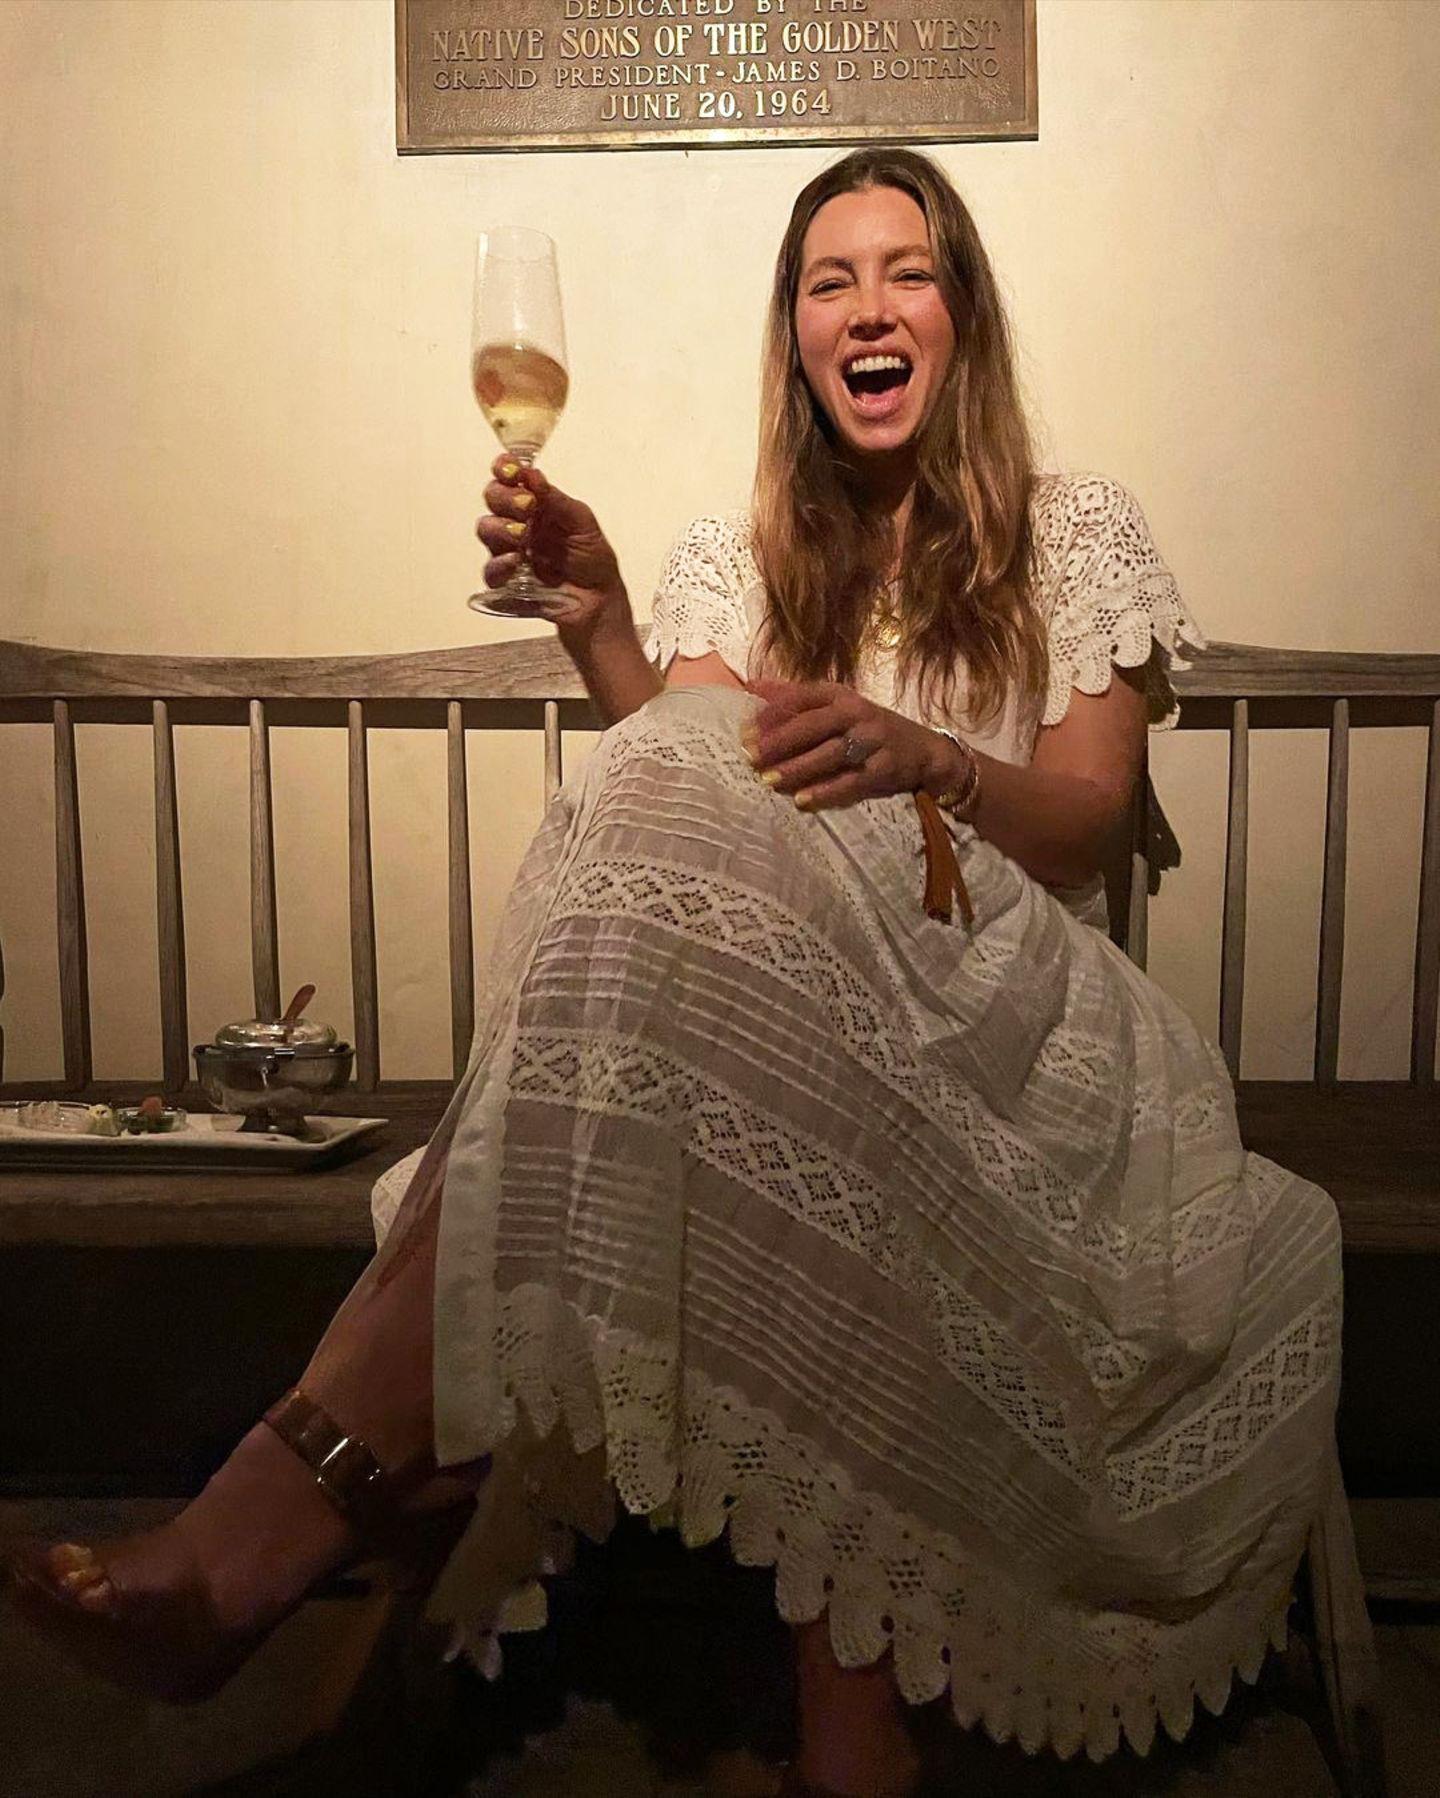 Da freut sich aber jemand ganz besonders über seinen Drink! Jessica Biel genießt bei bester Laune ihr Gläschen Sekt oder Champagner, und als zweifache Mama denkt sie dabei auch an allen anderen Mütter, die sich nur selten mal eine Happy-Hour-Auszeit gönnen. Na, dann noch viel Spaß!